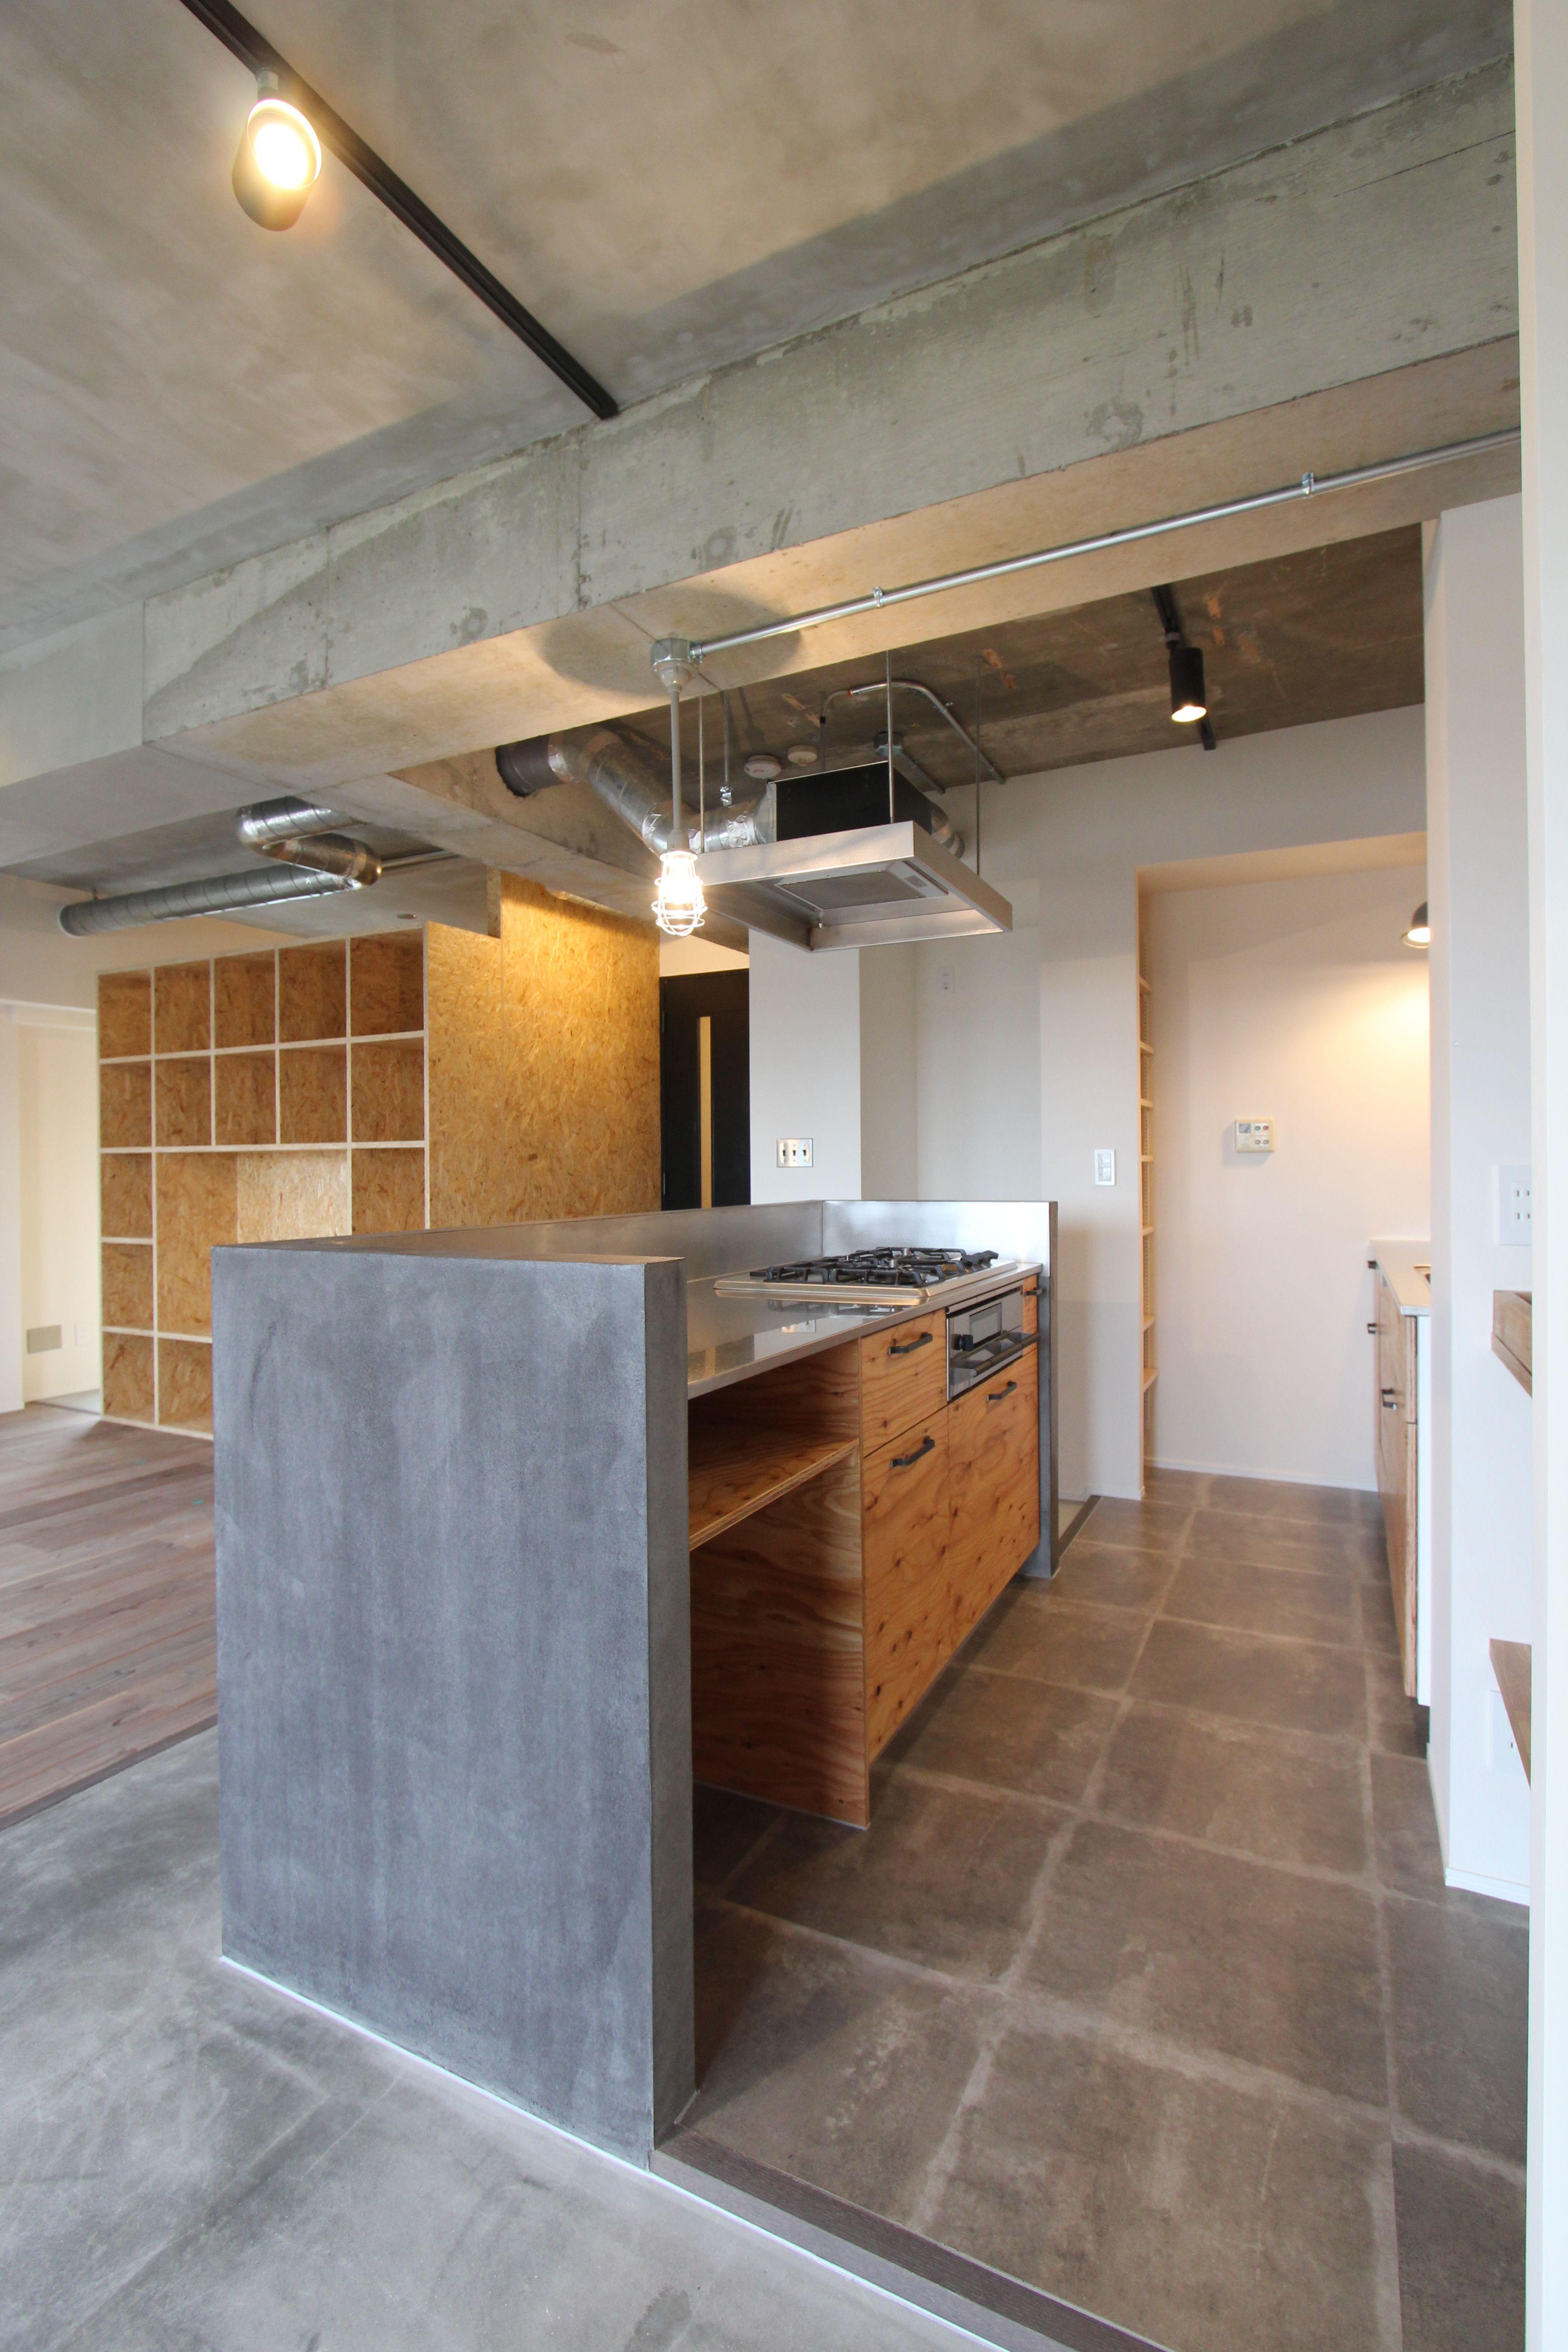 遊び心とロフトのある家fieldgarage コンクリート家具 キッチン床